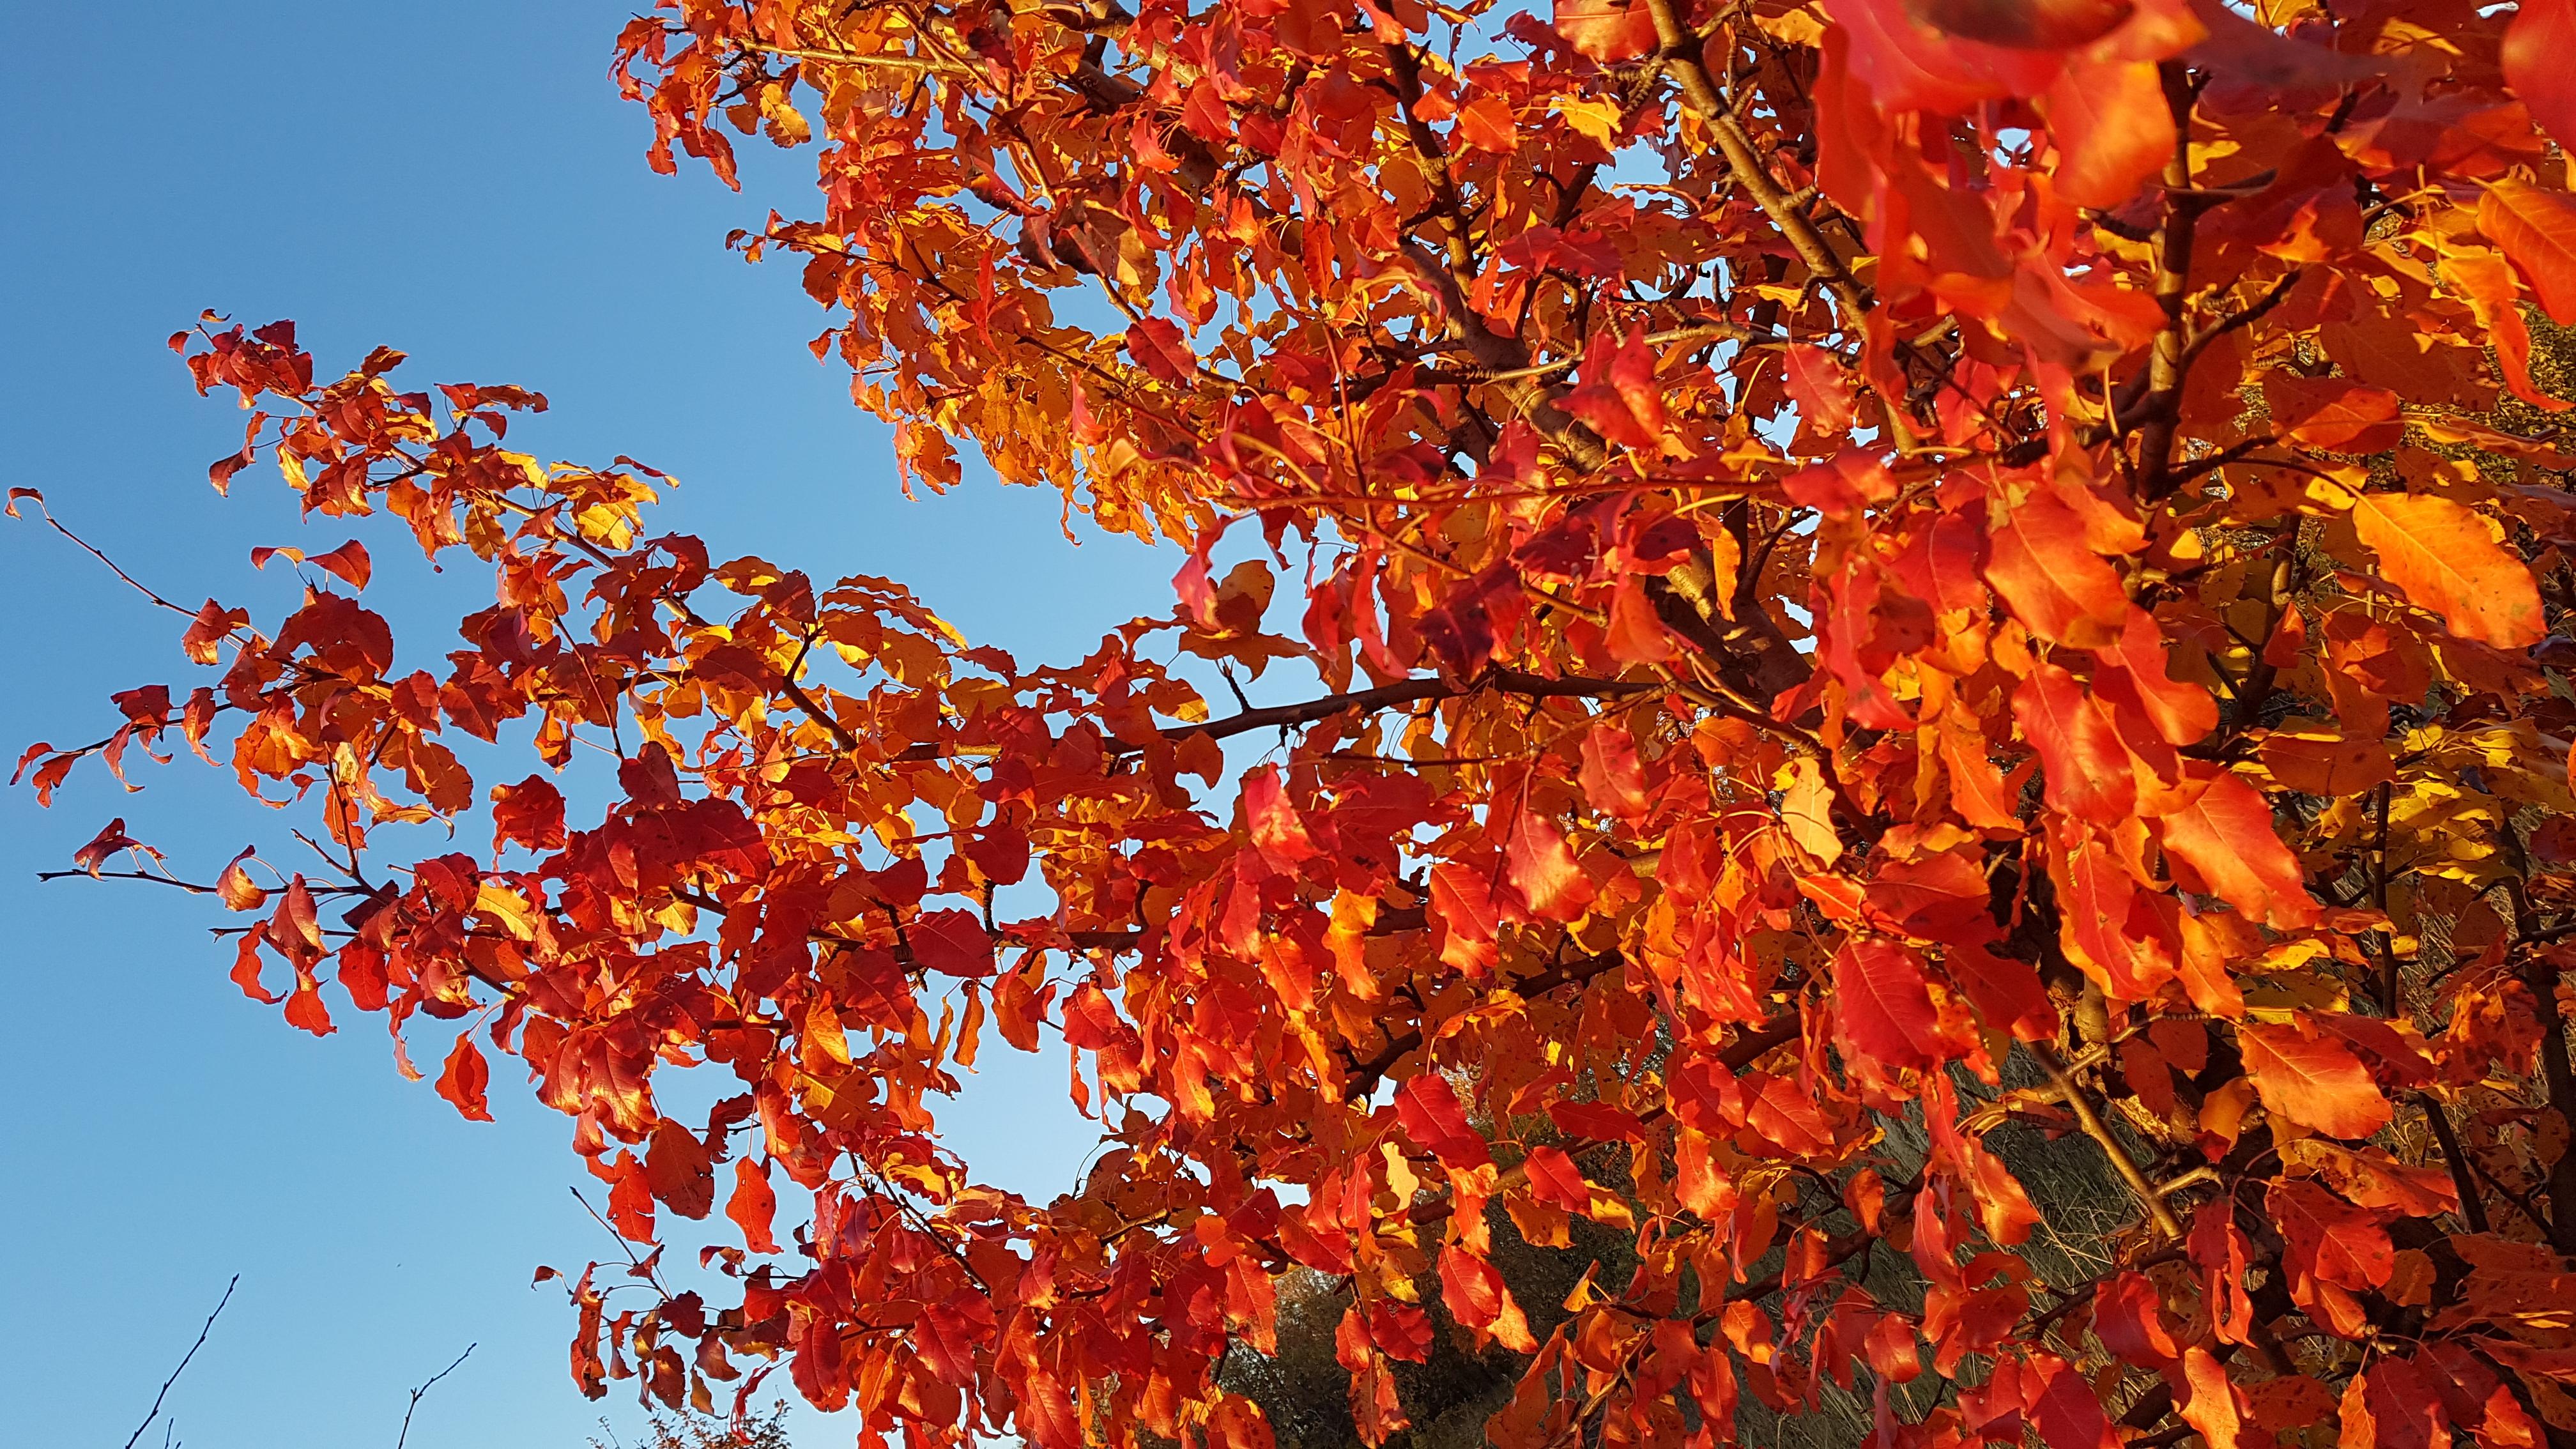 images gratuites : ciel, l'automne, feuilles d'automne, feuilles